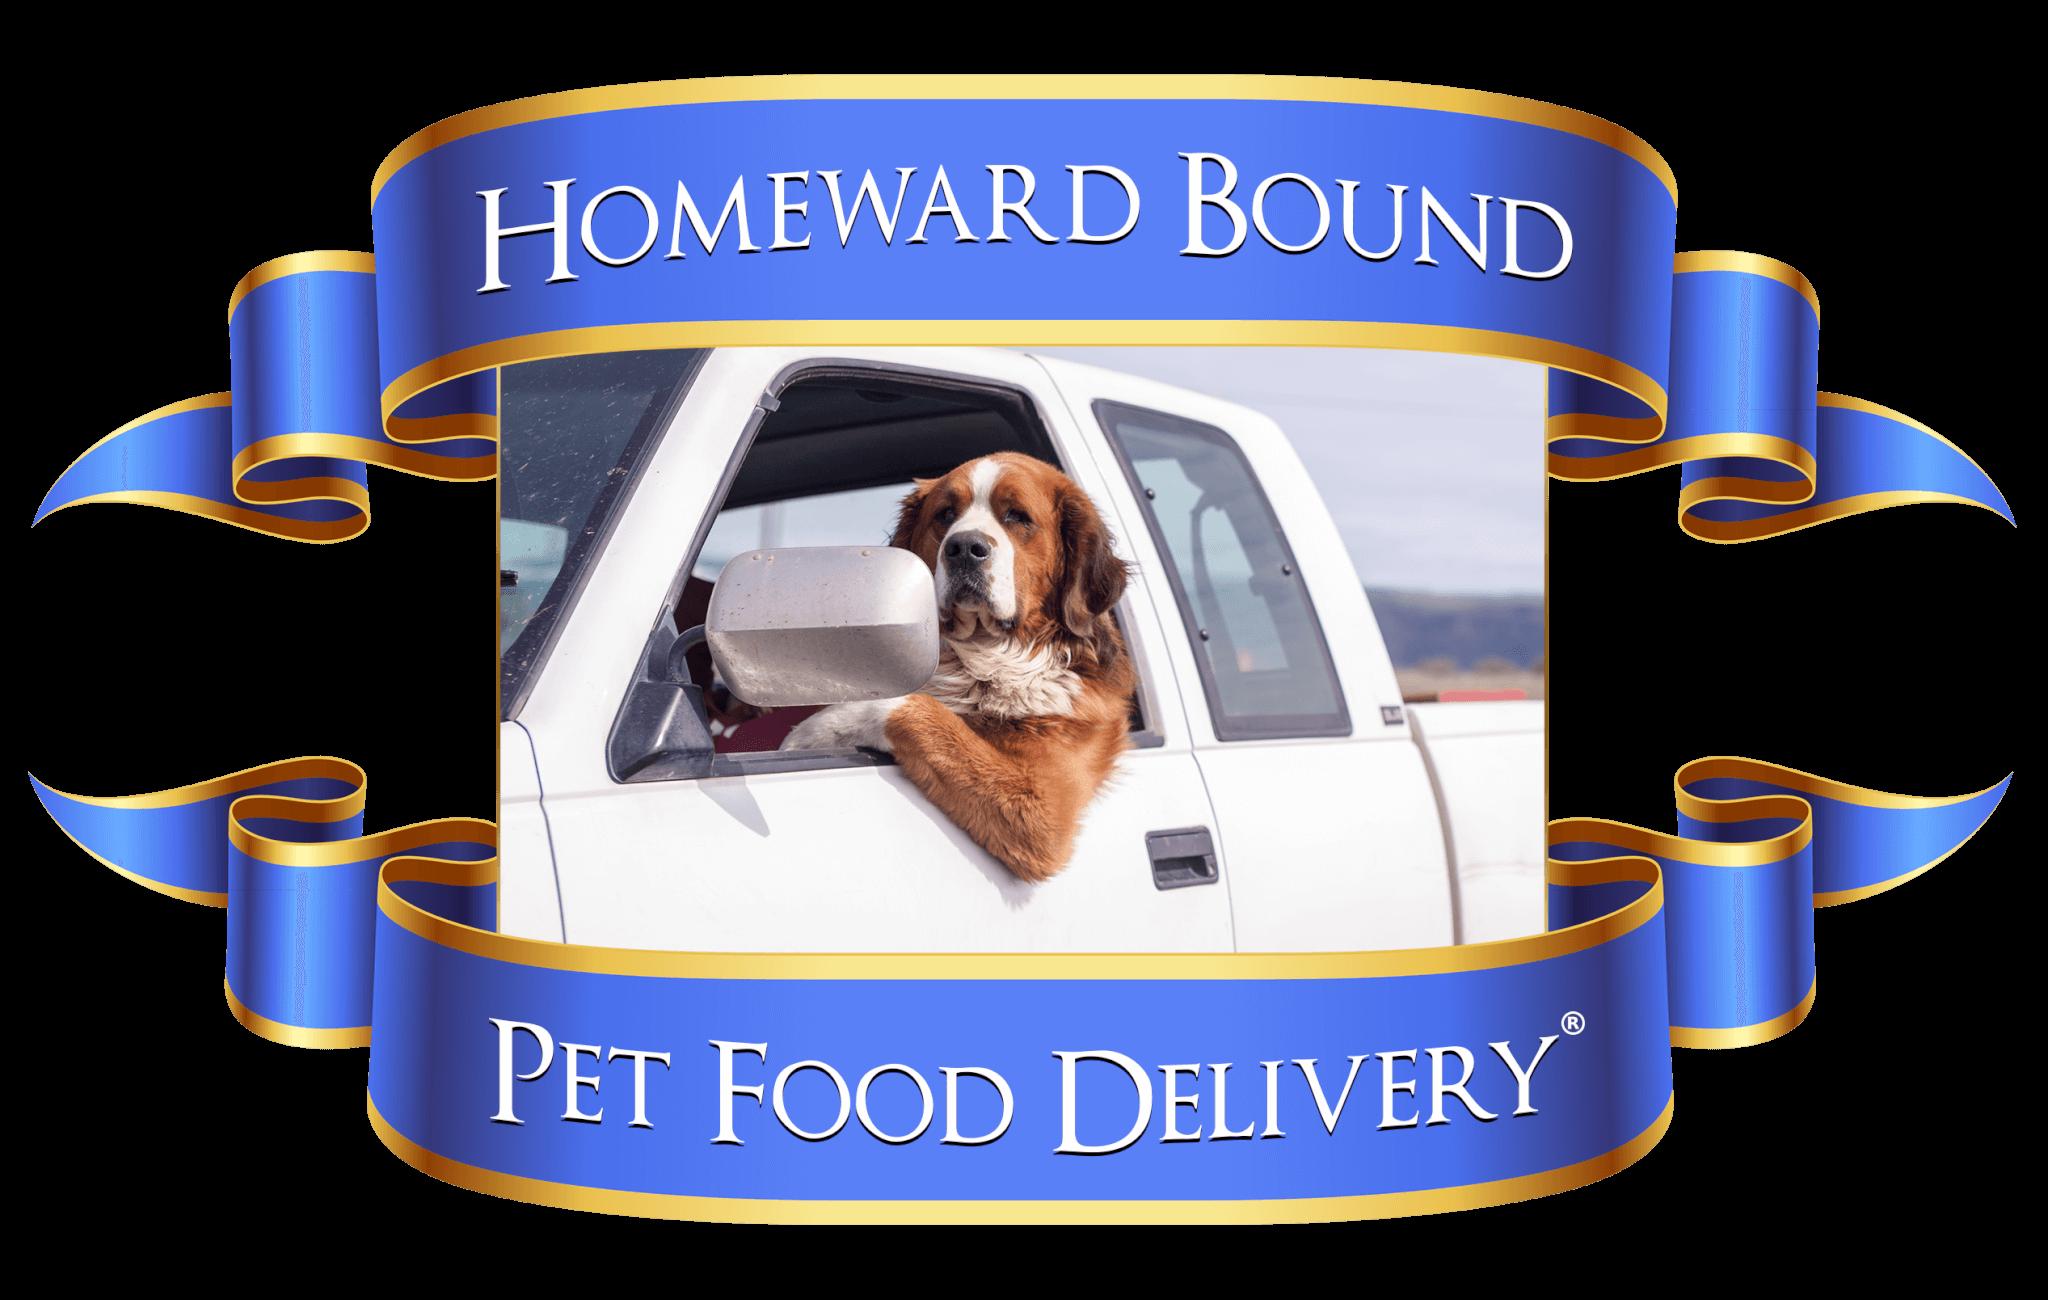 Software for Homeward Bound Pet Food